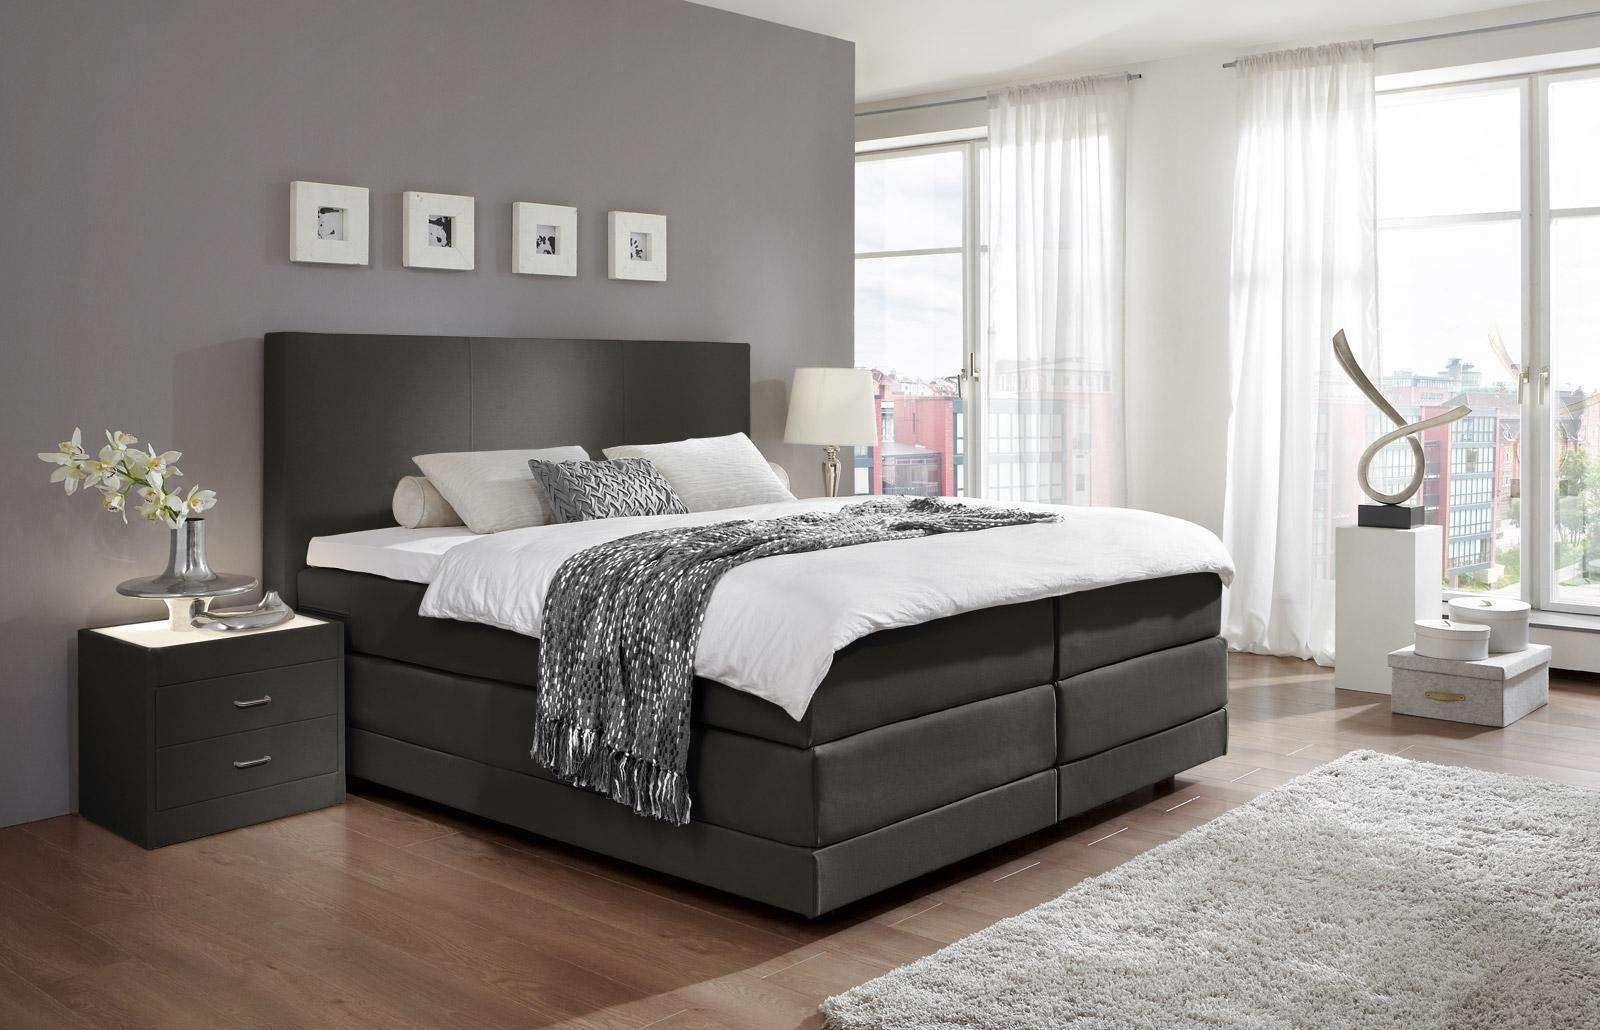 Schlafzimmerkomplett50erjahre Schlafzimmerkomplettaktion